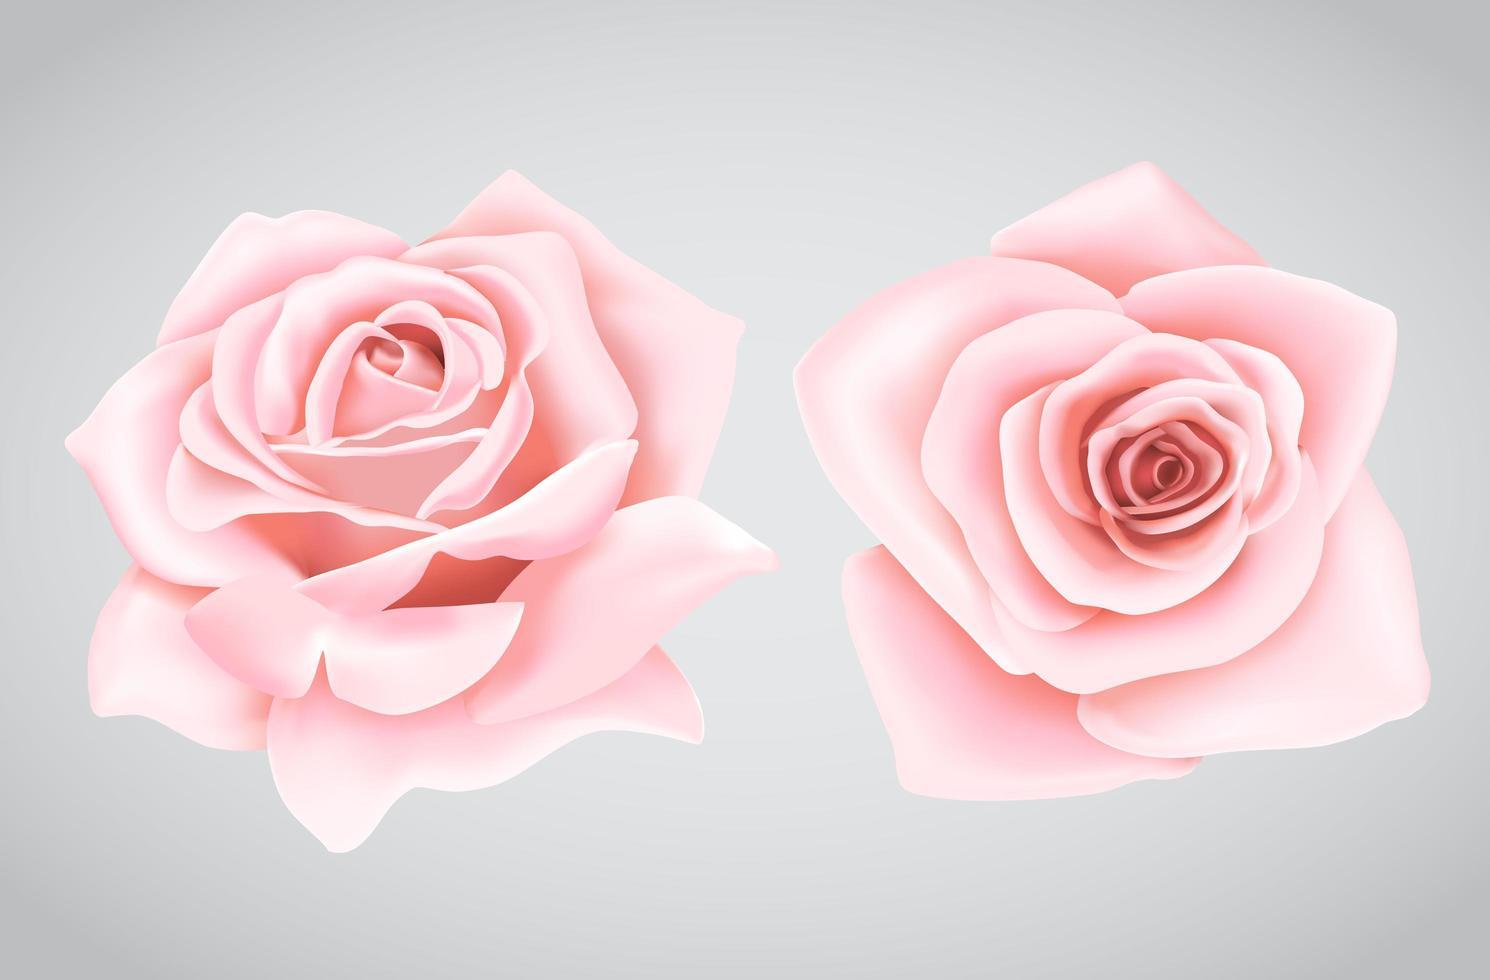 rosas rosa flor vetor